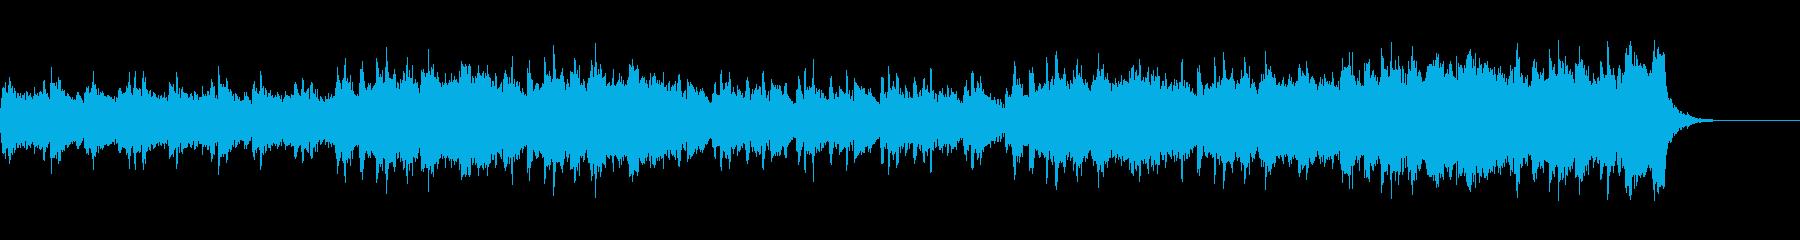 「運命の渦」5/8拍子、オーケストラ壮大の再生済みの波形